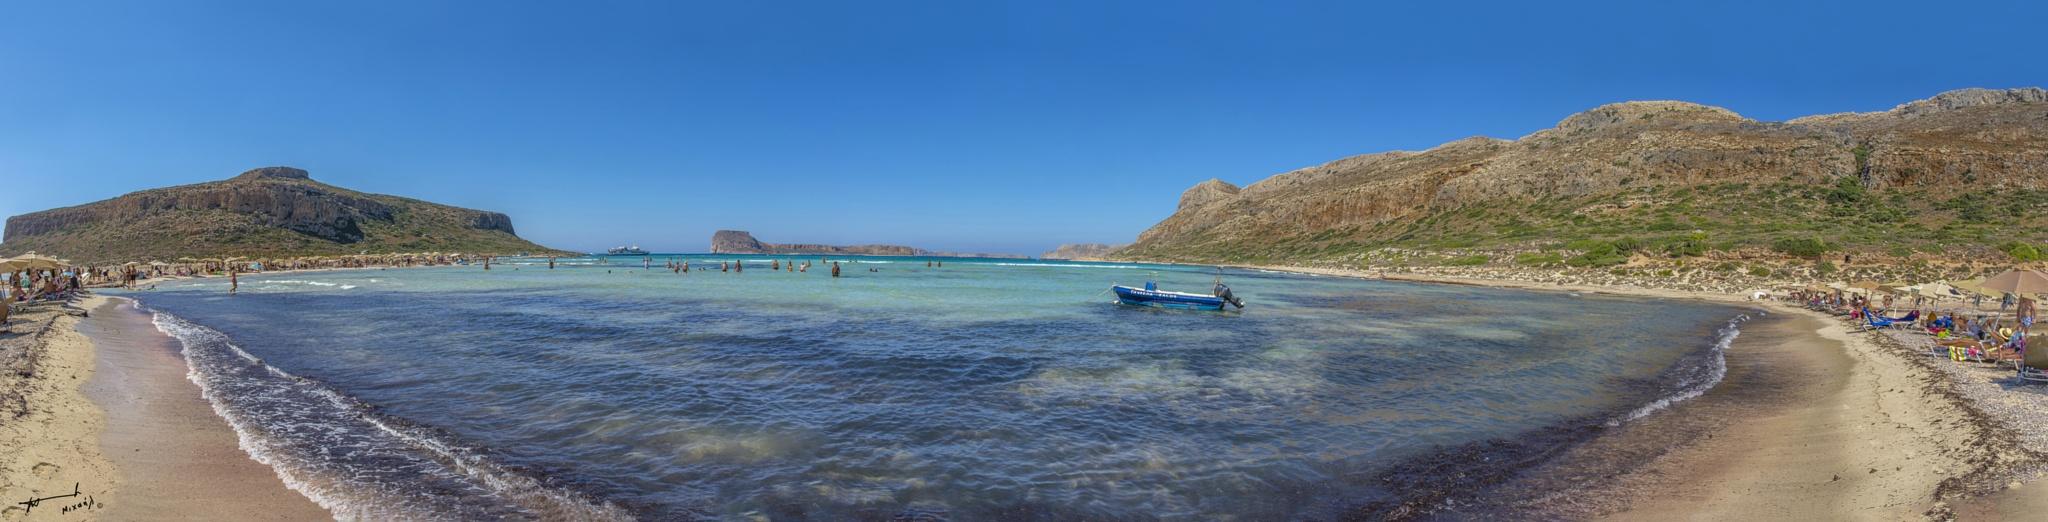 Balos beach !! by Michail